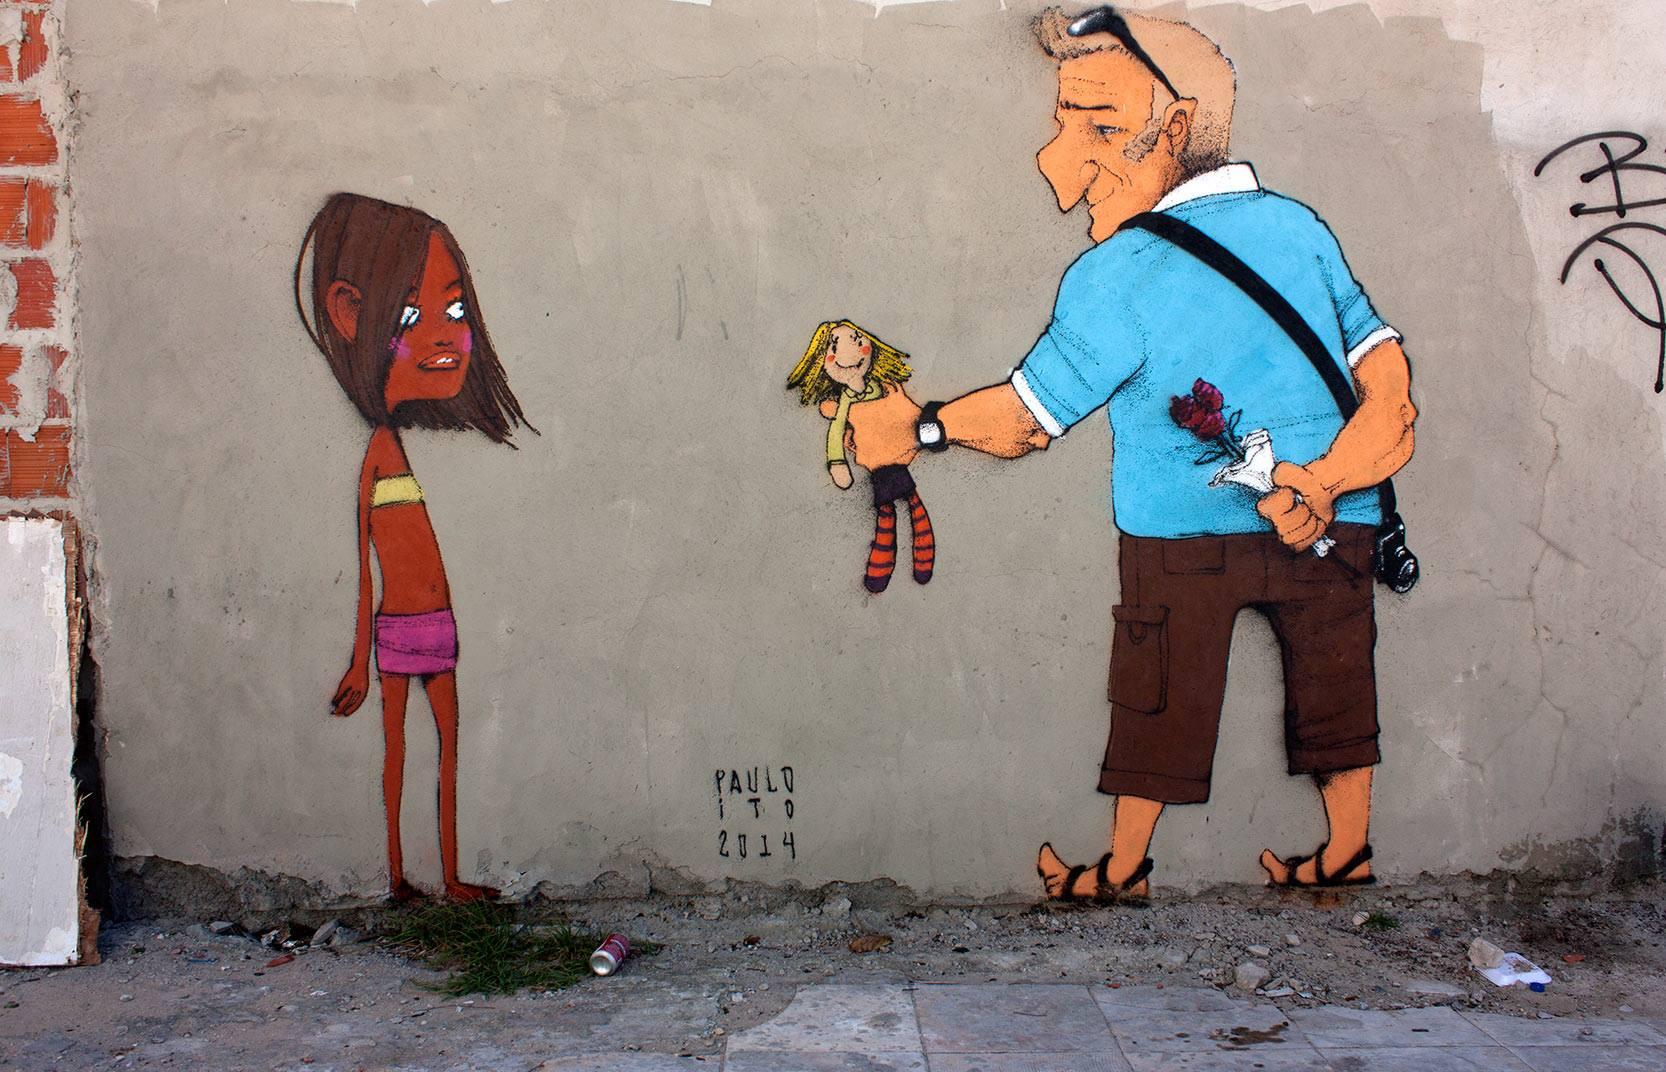 paulo-ito-graffiti-dionisio-arte-7